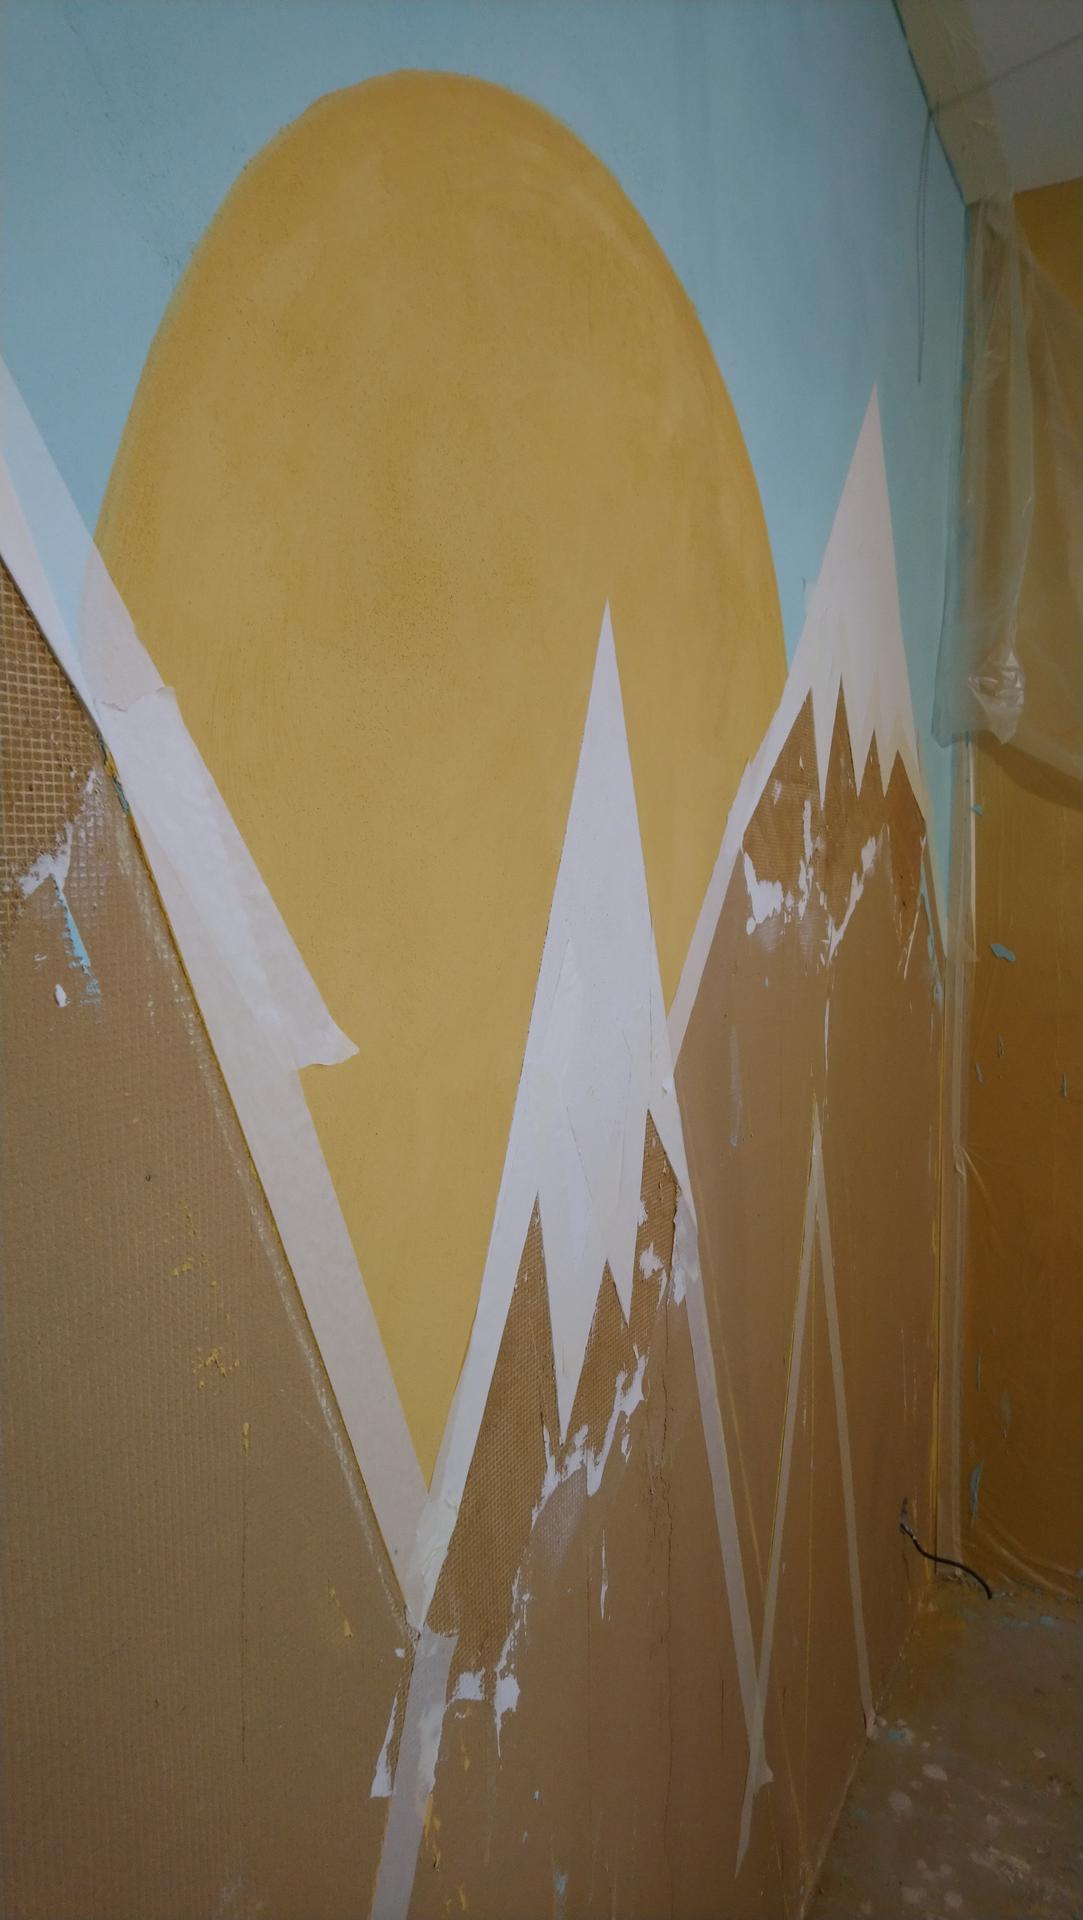 Hlinené omietky - Prechod medzi farebnou hlinou. Inú farbu môžno naniesť až keď je omietka suchá, ináč by nedržala lepiaca páska. Používam papierovú maliarsku pásku